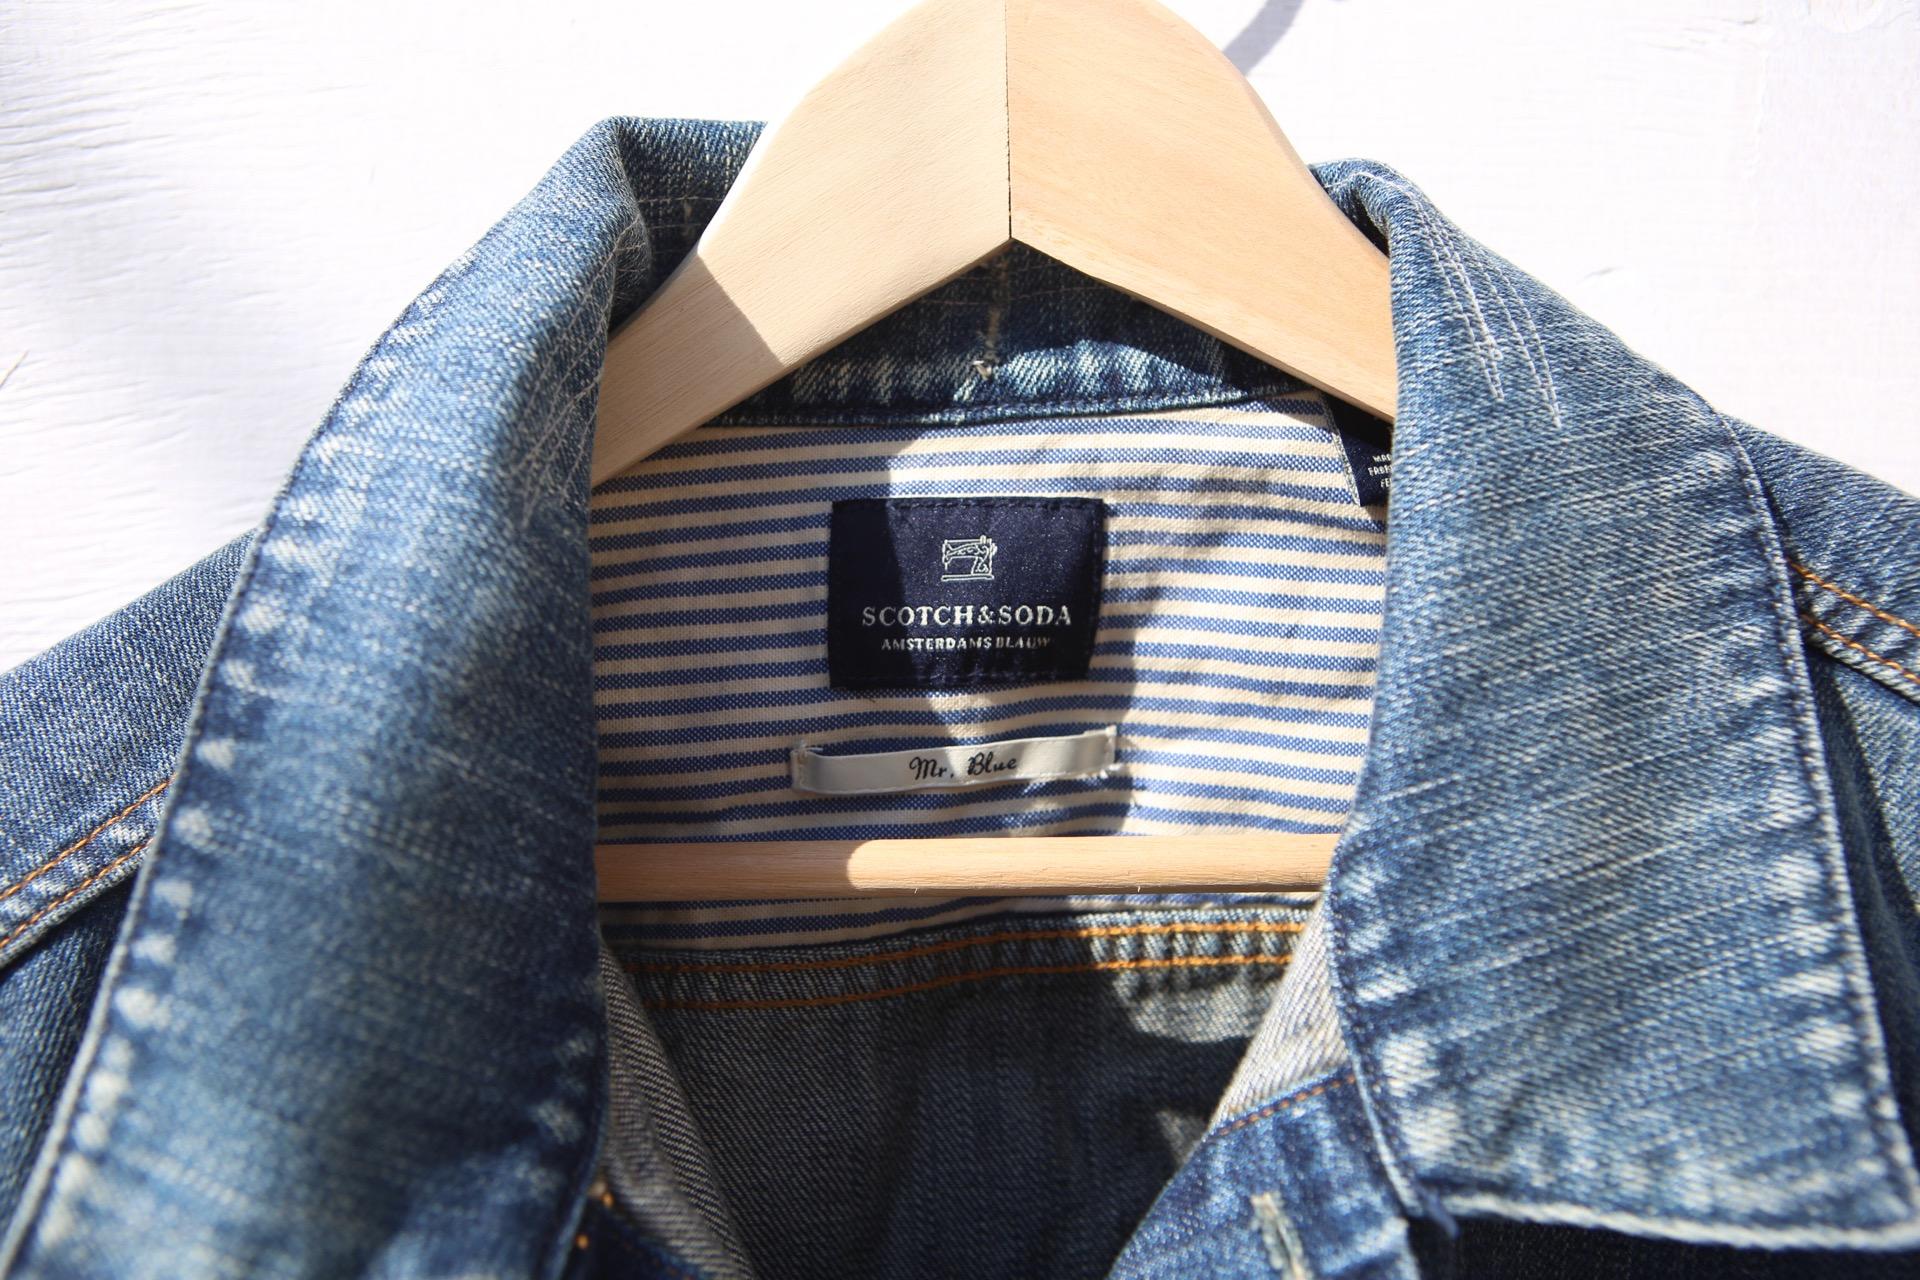 Scotch and Soda Leather + Denim Jacket